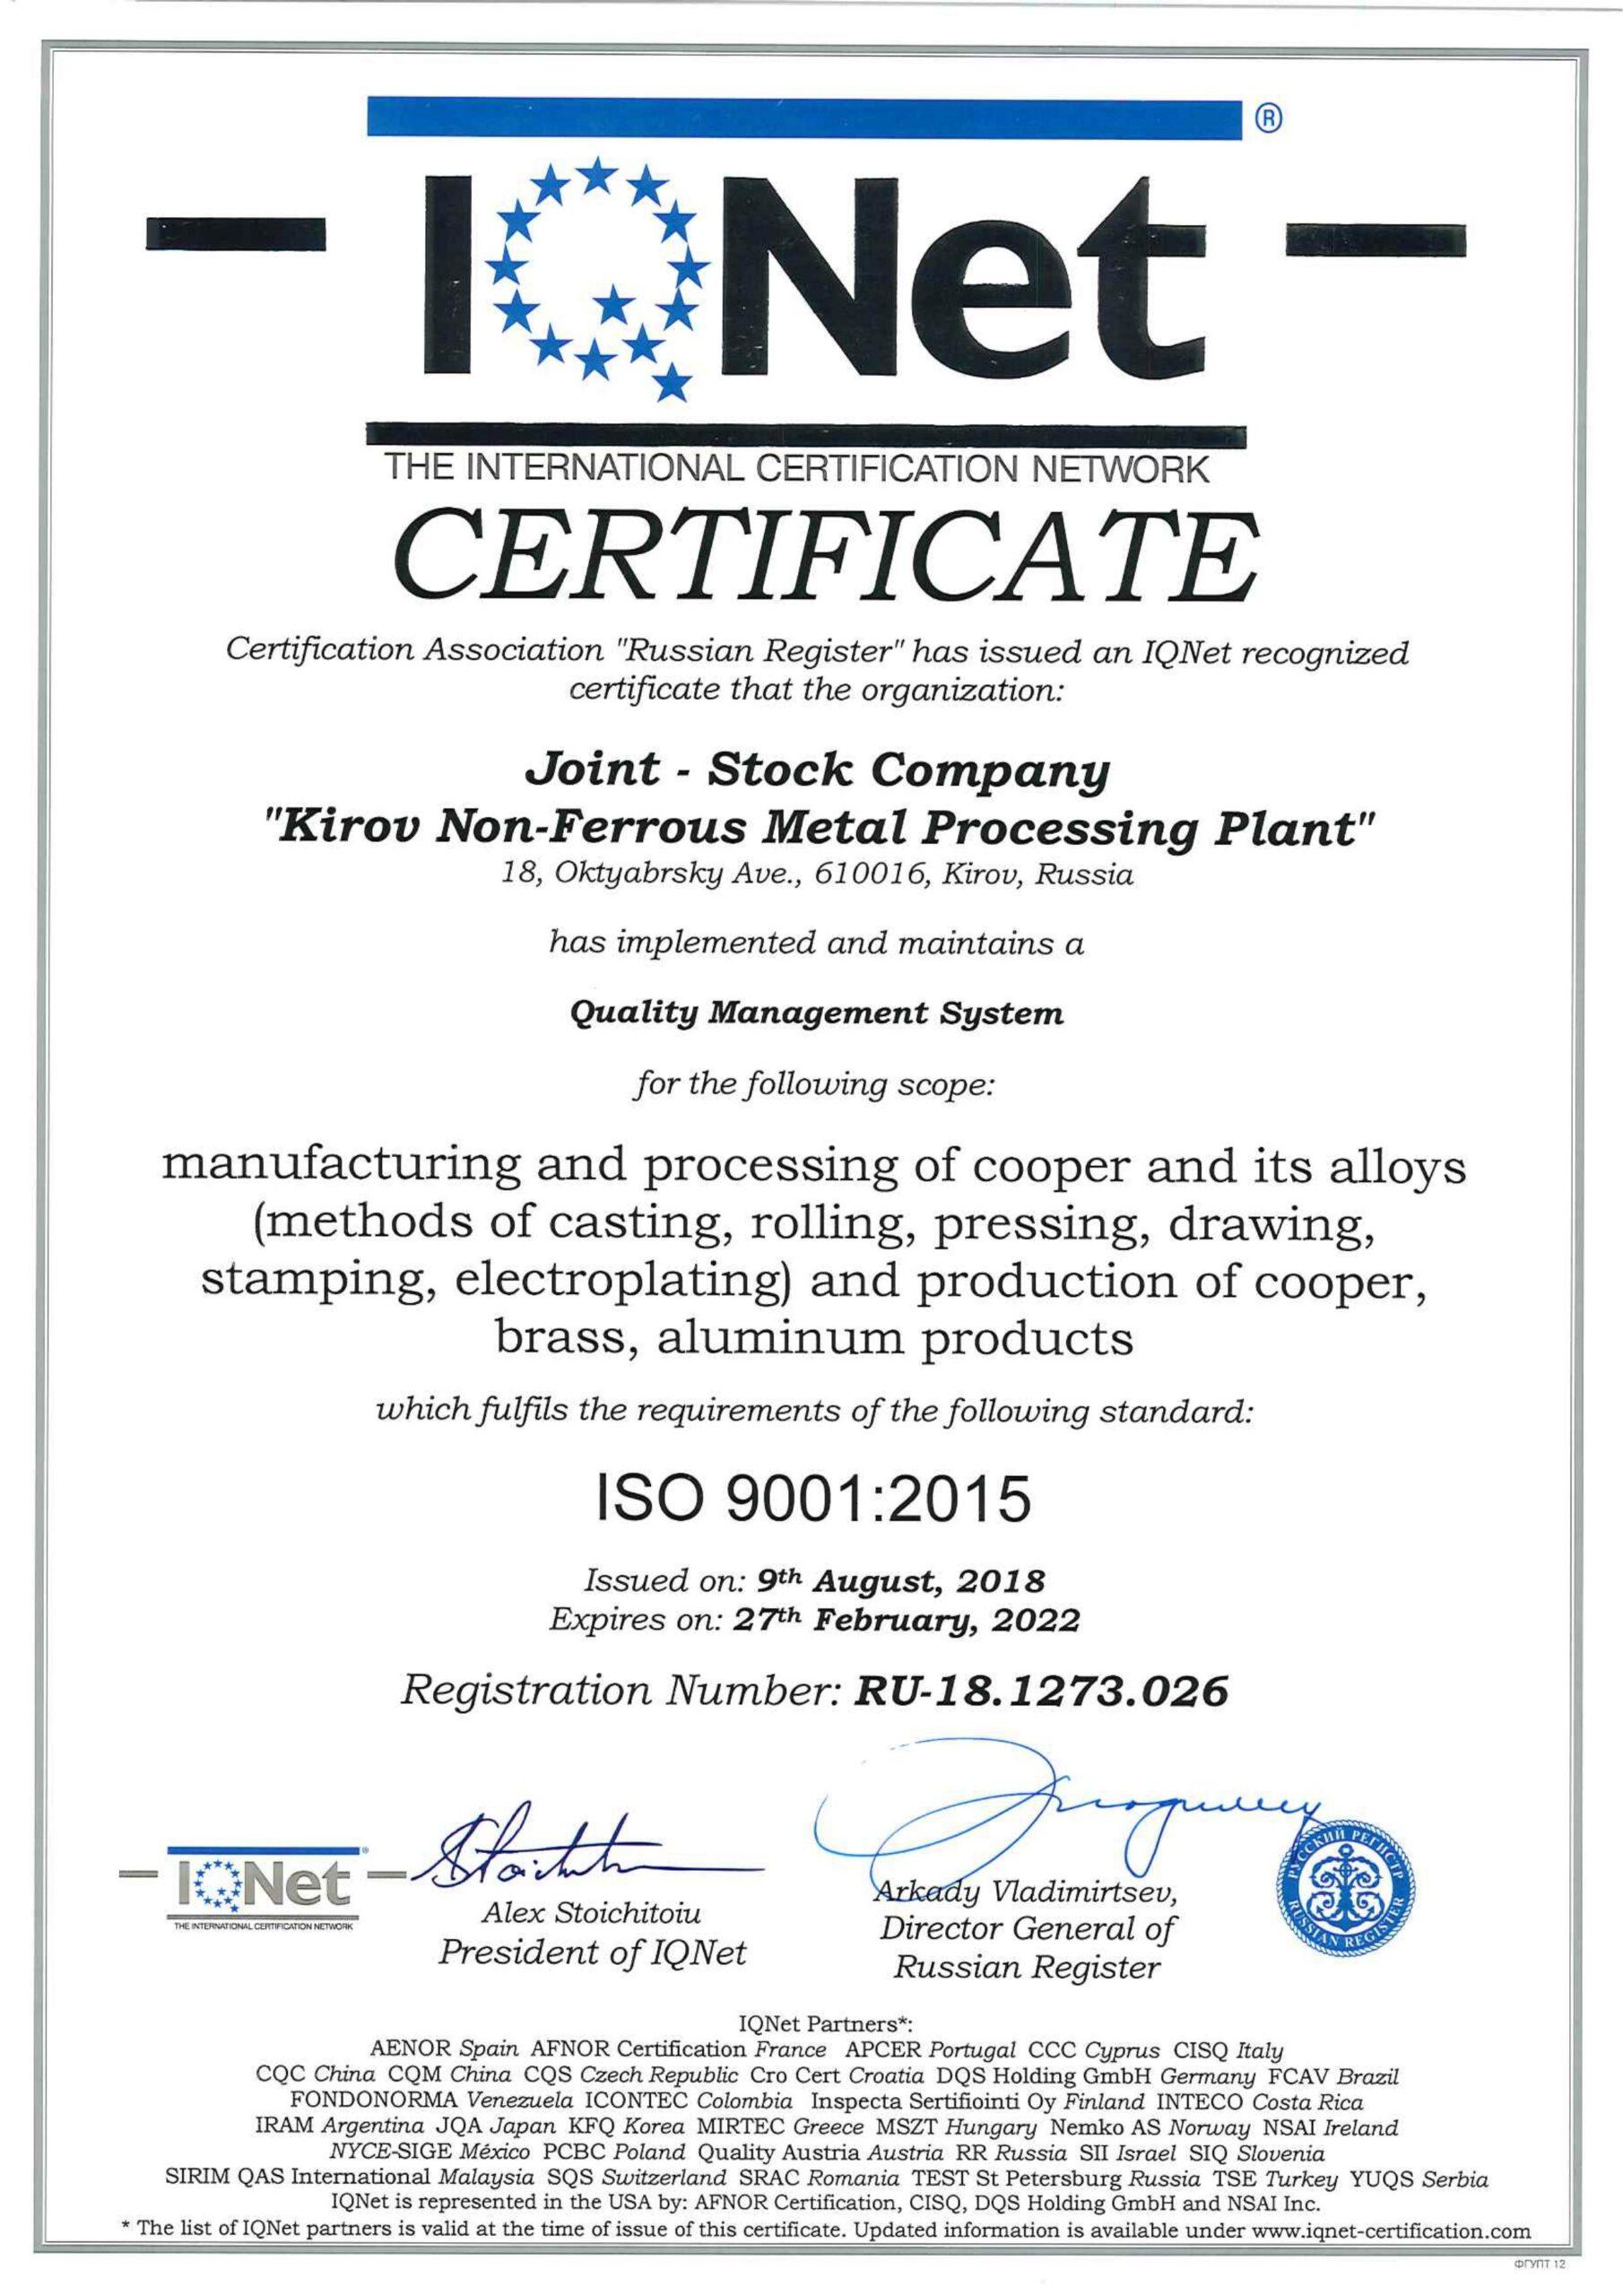 Сертификат по ИСО 14001 можно применять не только на территории России, но и за границей. Большинство стран мира признают сертификаты на экологический менеджмент и дают преимущества его обладателям.